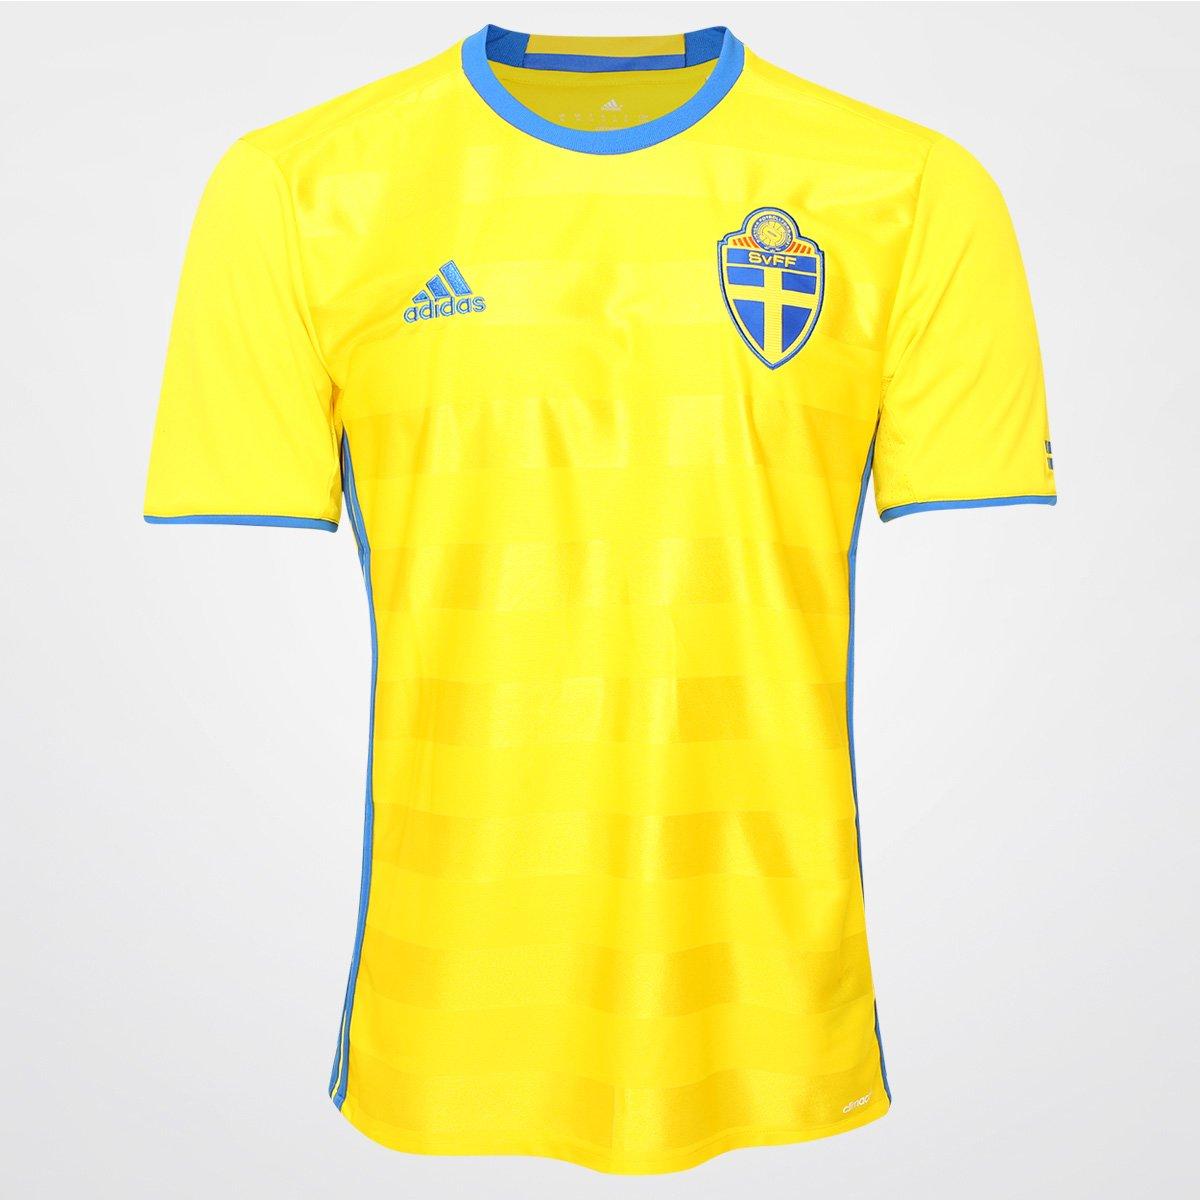 f69579d8ecf6f Camisa Seleção Suécia Home 2016 s nº Torcedor Adidas Masculina - Compre  Agora